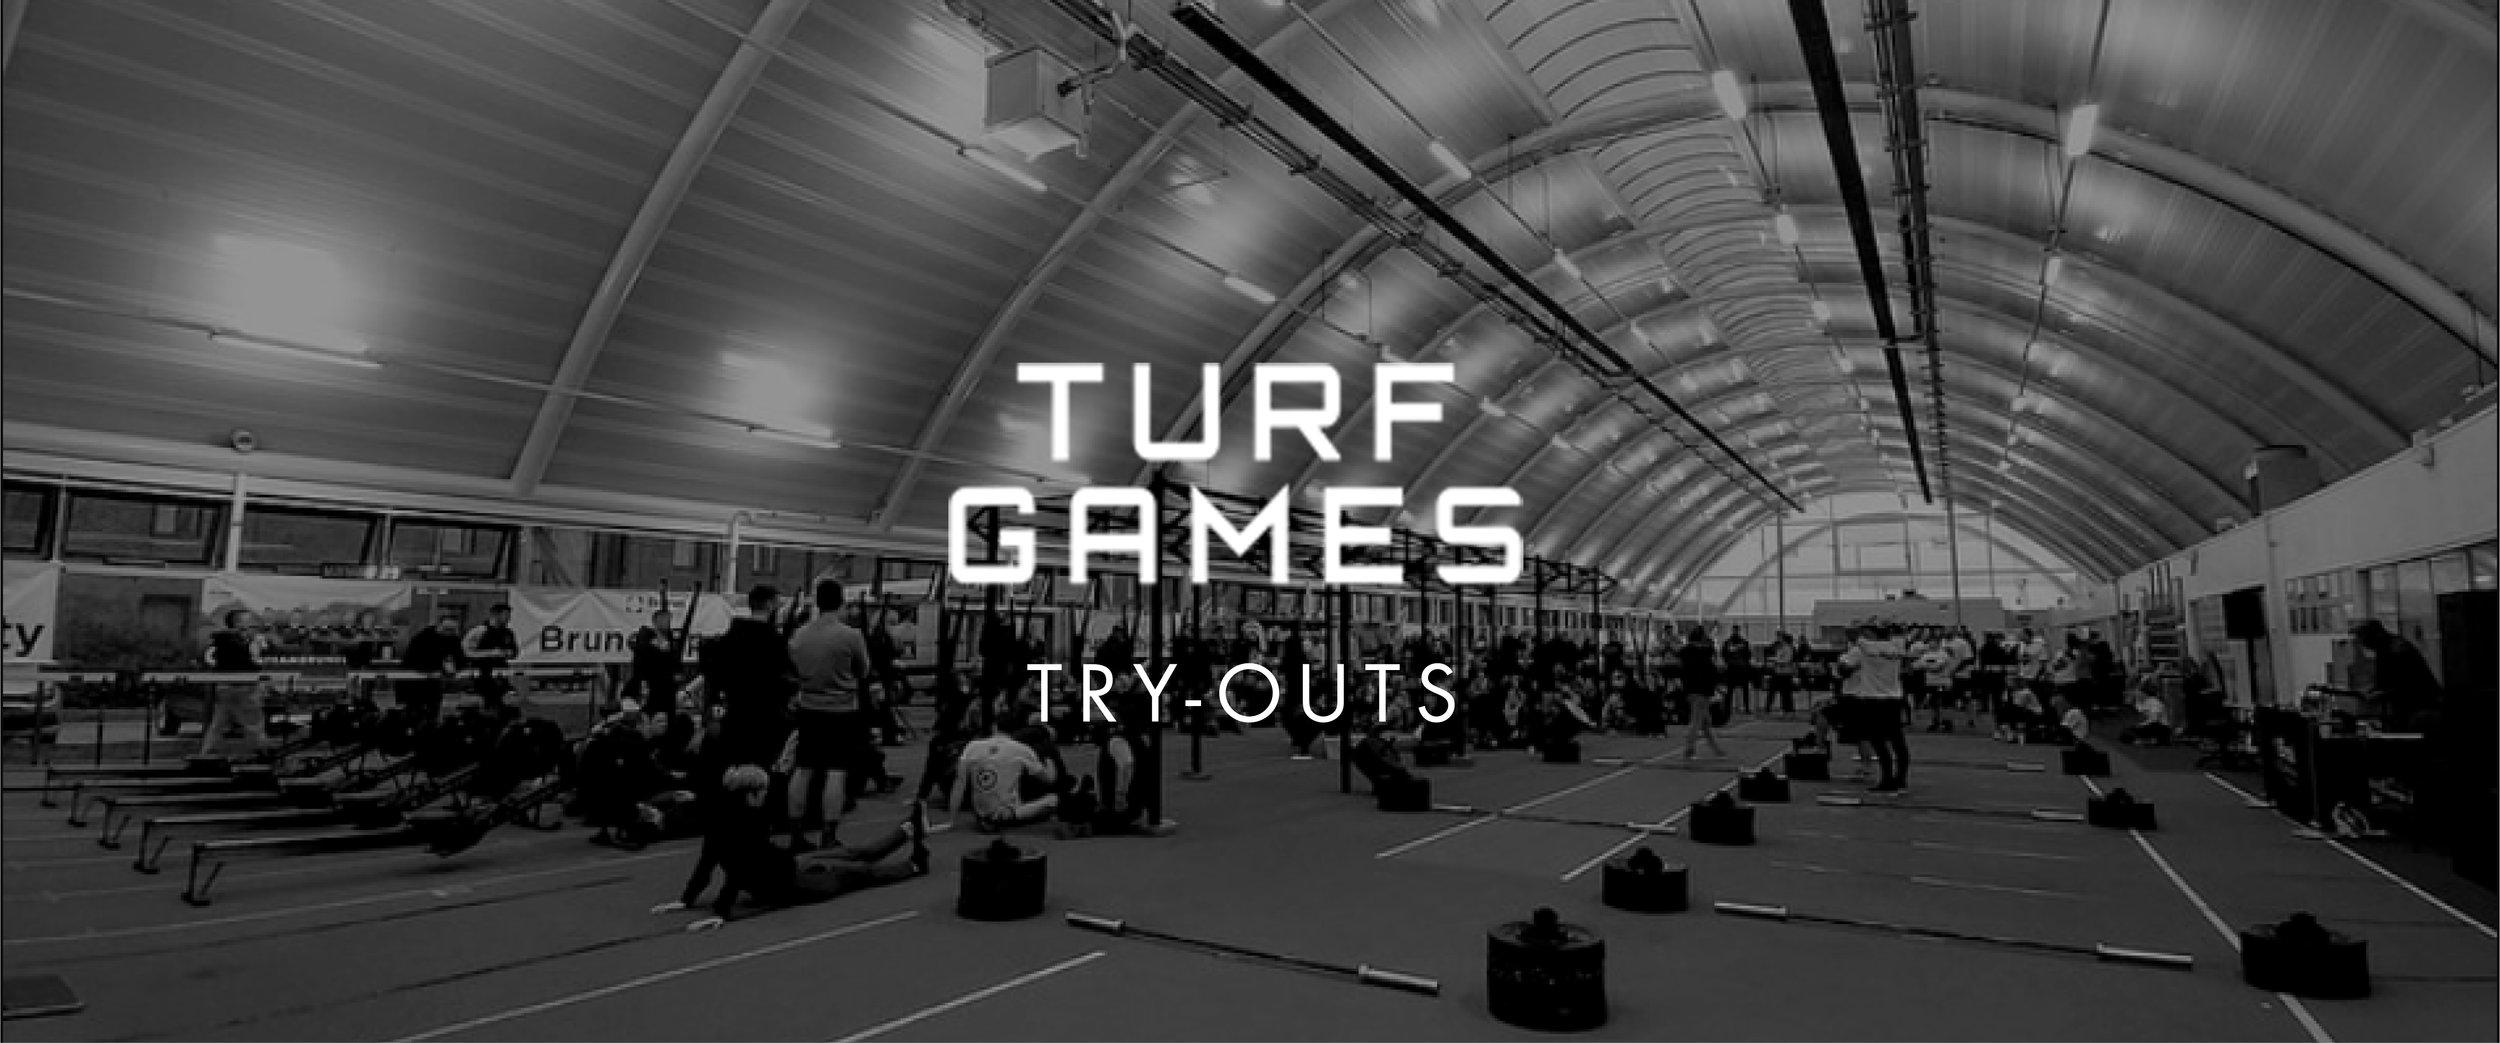 Turf_Games-19.jpg